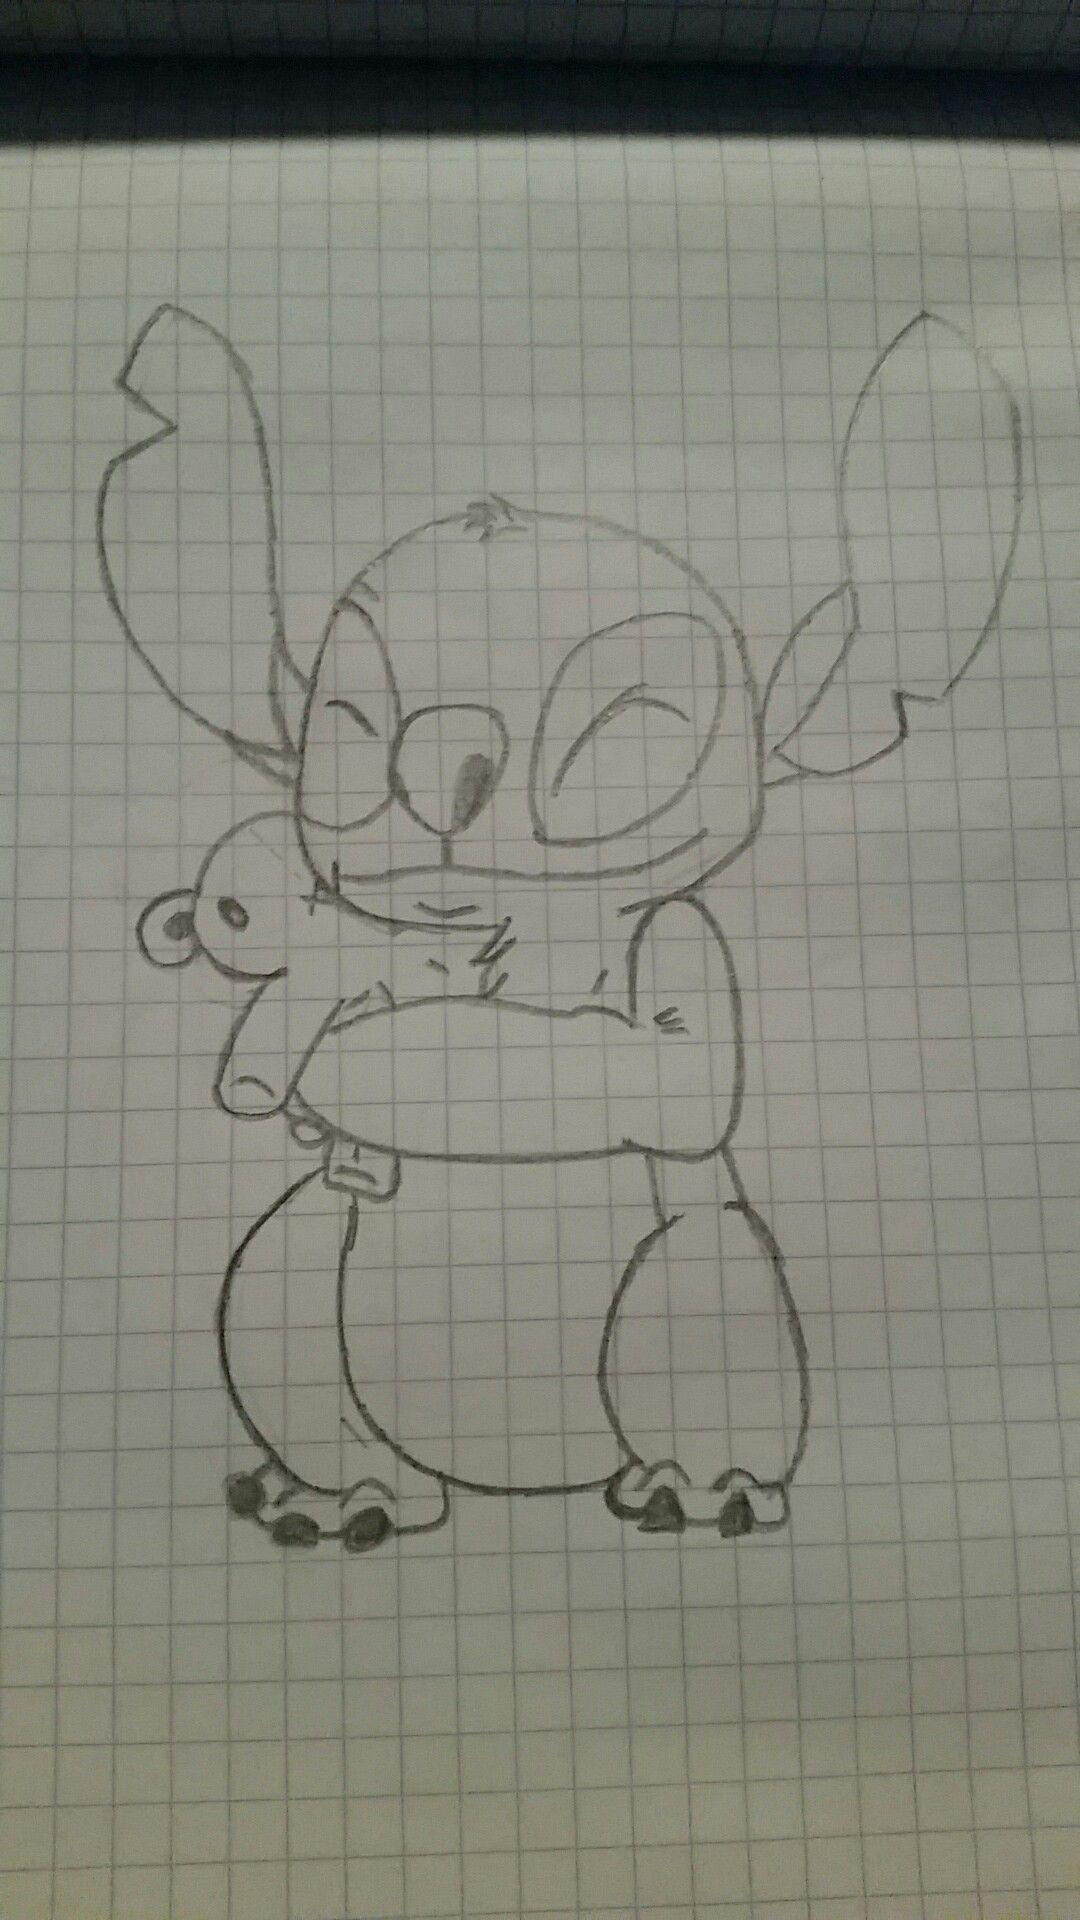 Stitch hug teddy bear